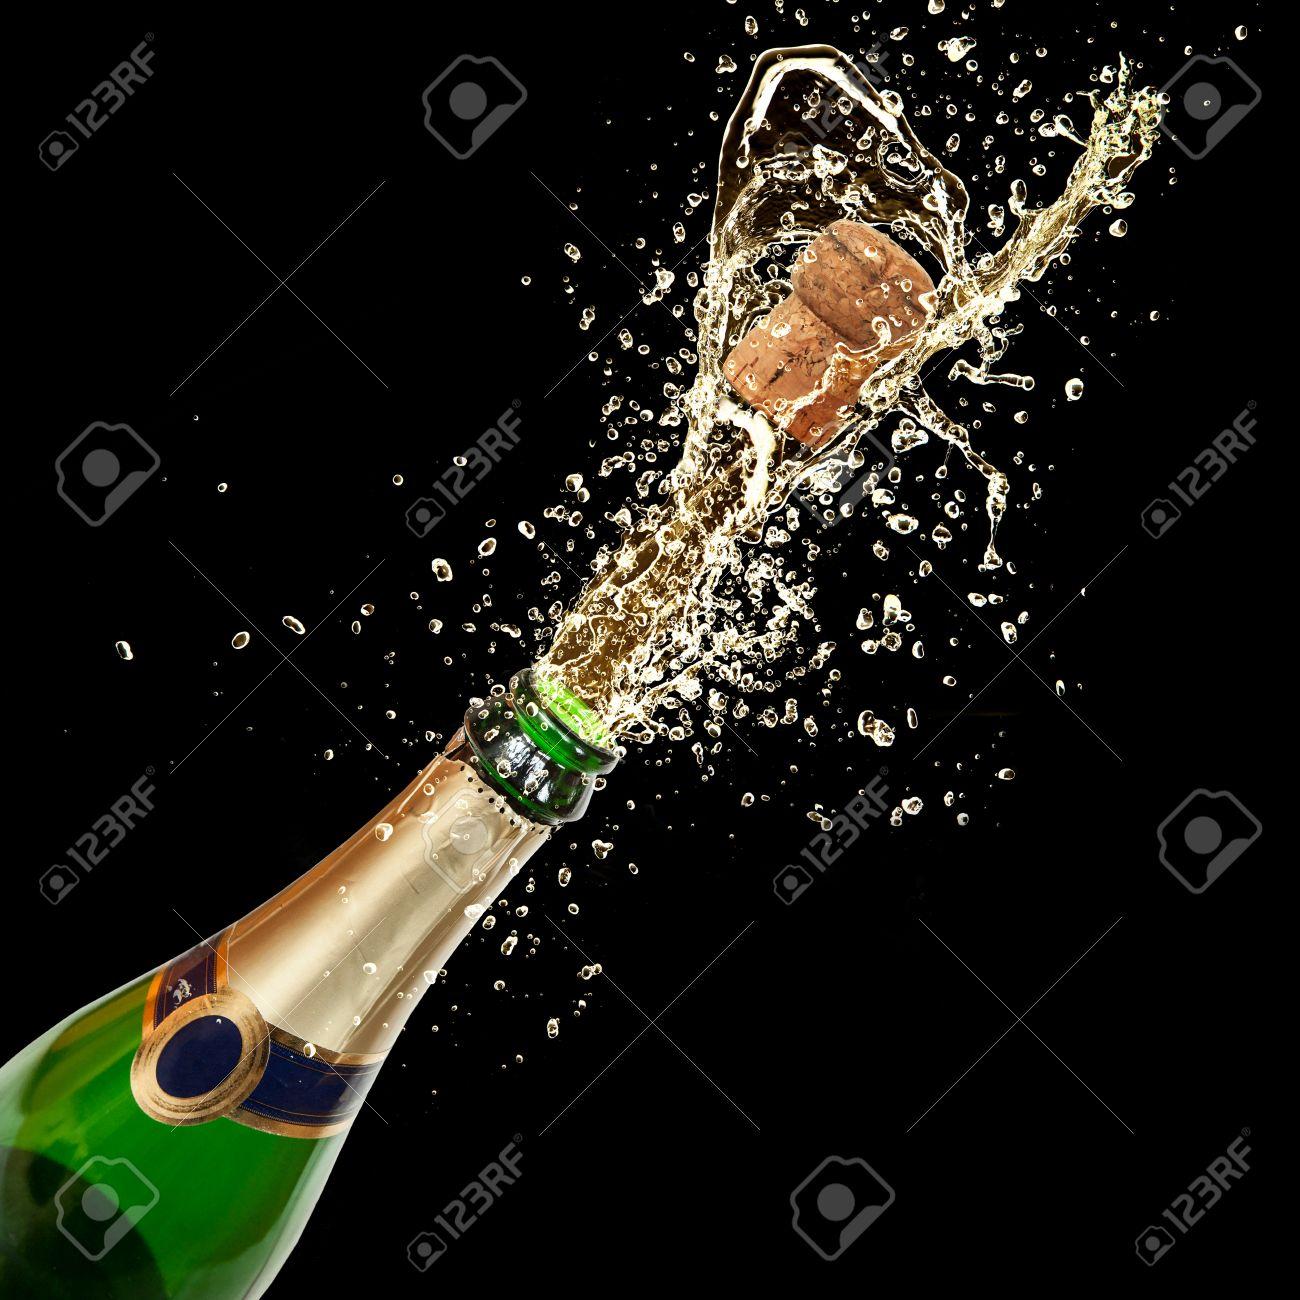 Celebration theme with splashing champagne, isolated on black background Stock Photo - 16725449